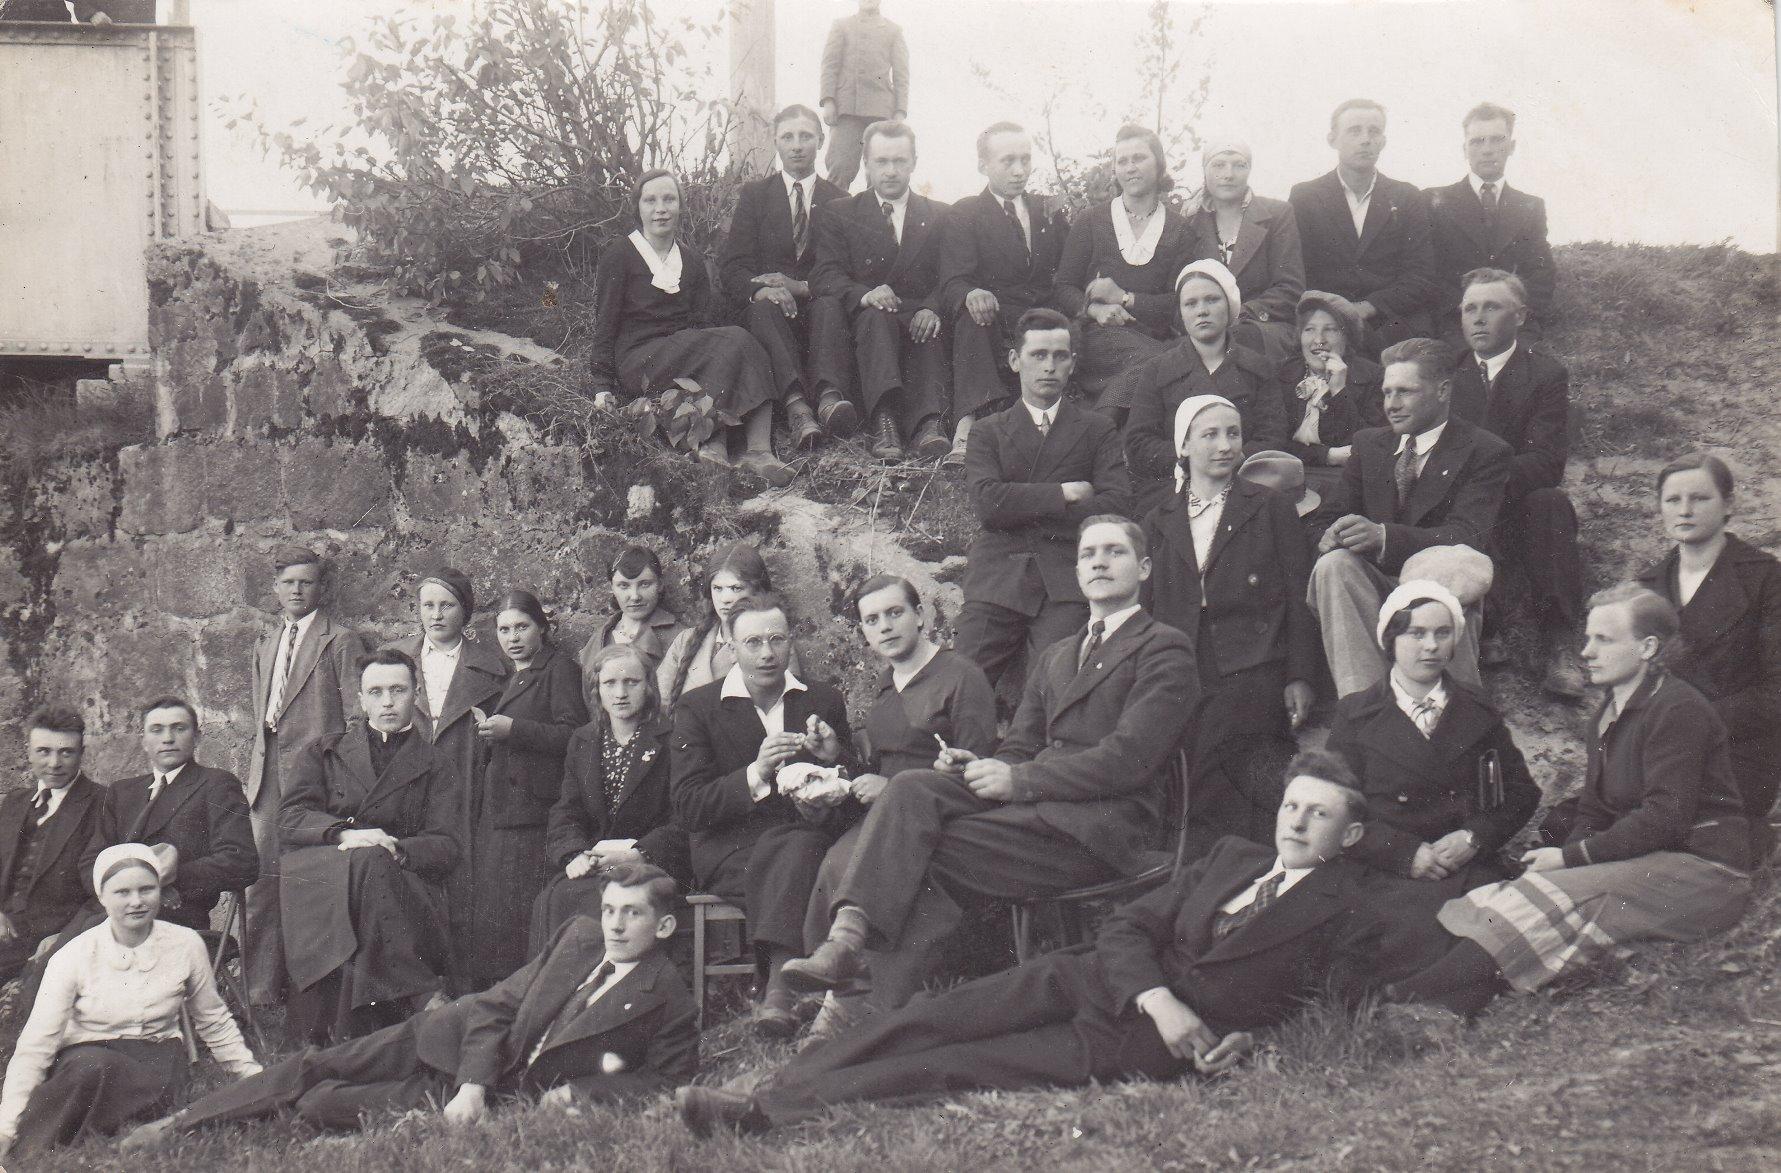 Pavasarininkų susitikimas. Profesoriaus, agronomo Petro Vasinausko sesuo Anelė Sargevičienė (Vasinauskaitė) (trečioje eilėje antra iš kairės).  Apie 1934 m.